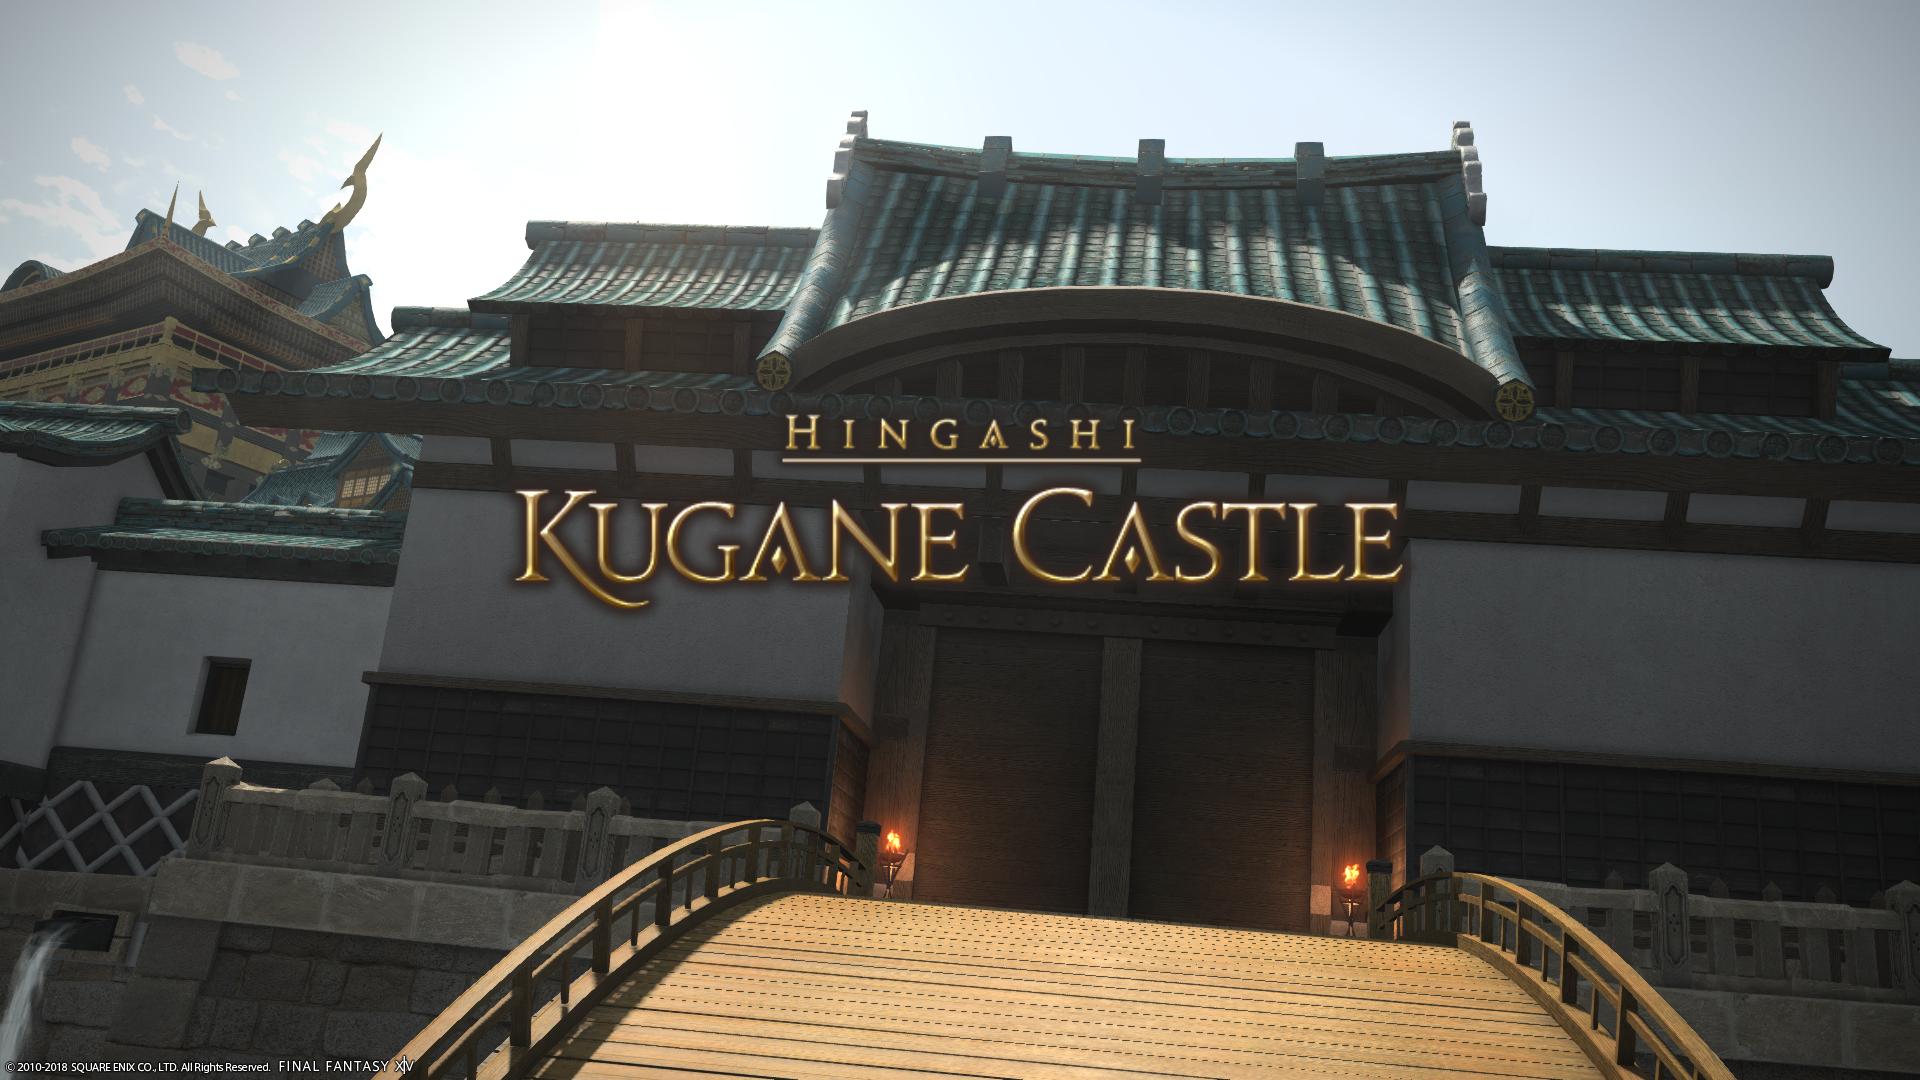 Kugane Castle